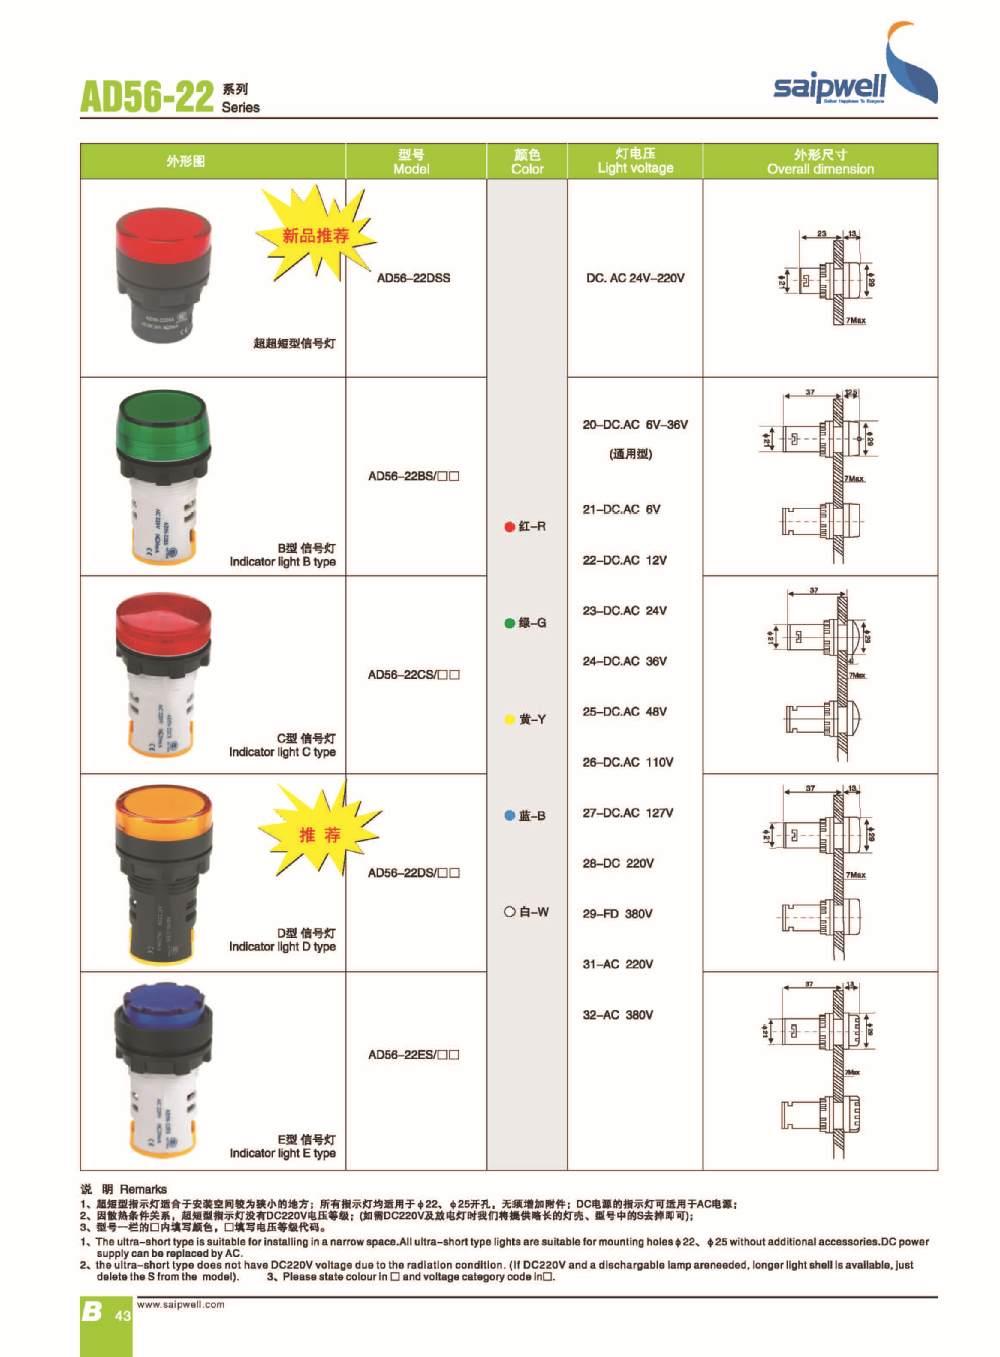 Saip/saipwell Anti-interference Indicator Light Hot Selling ...